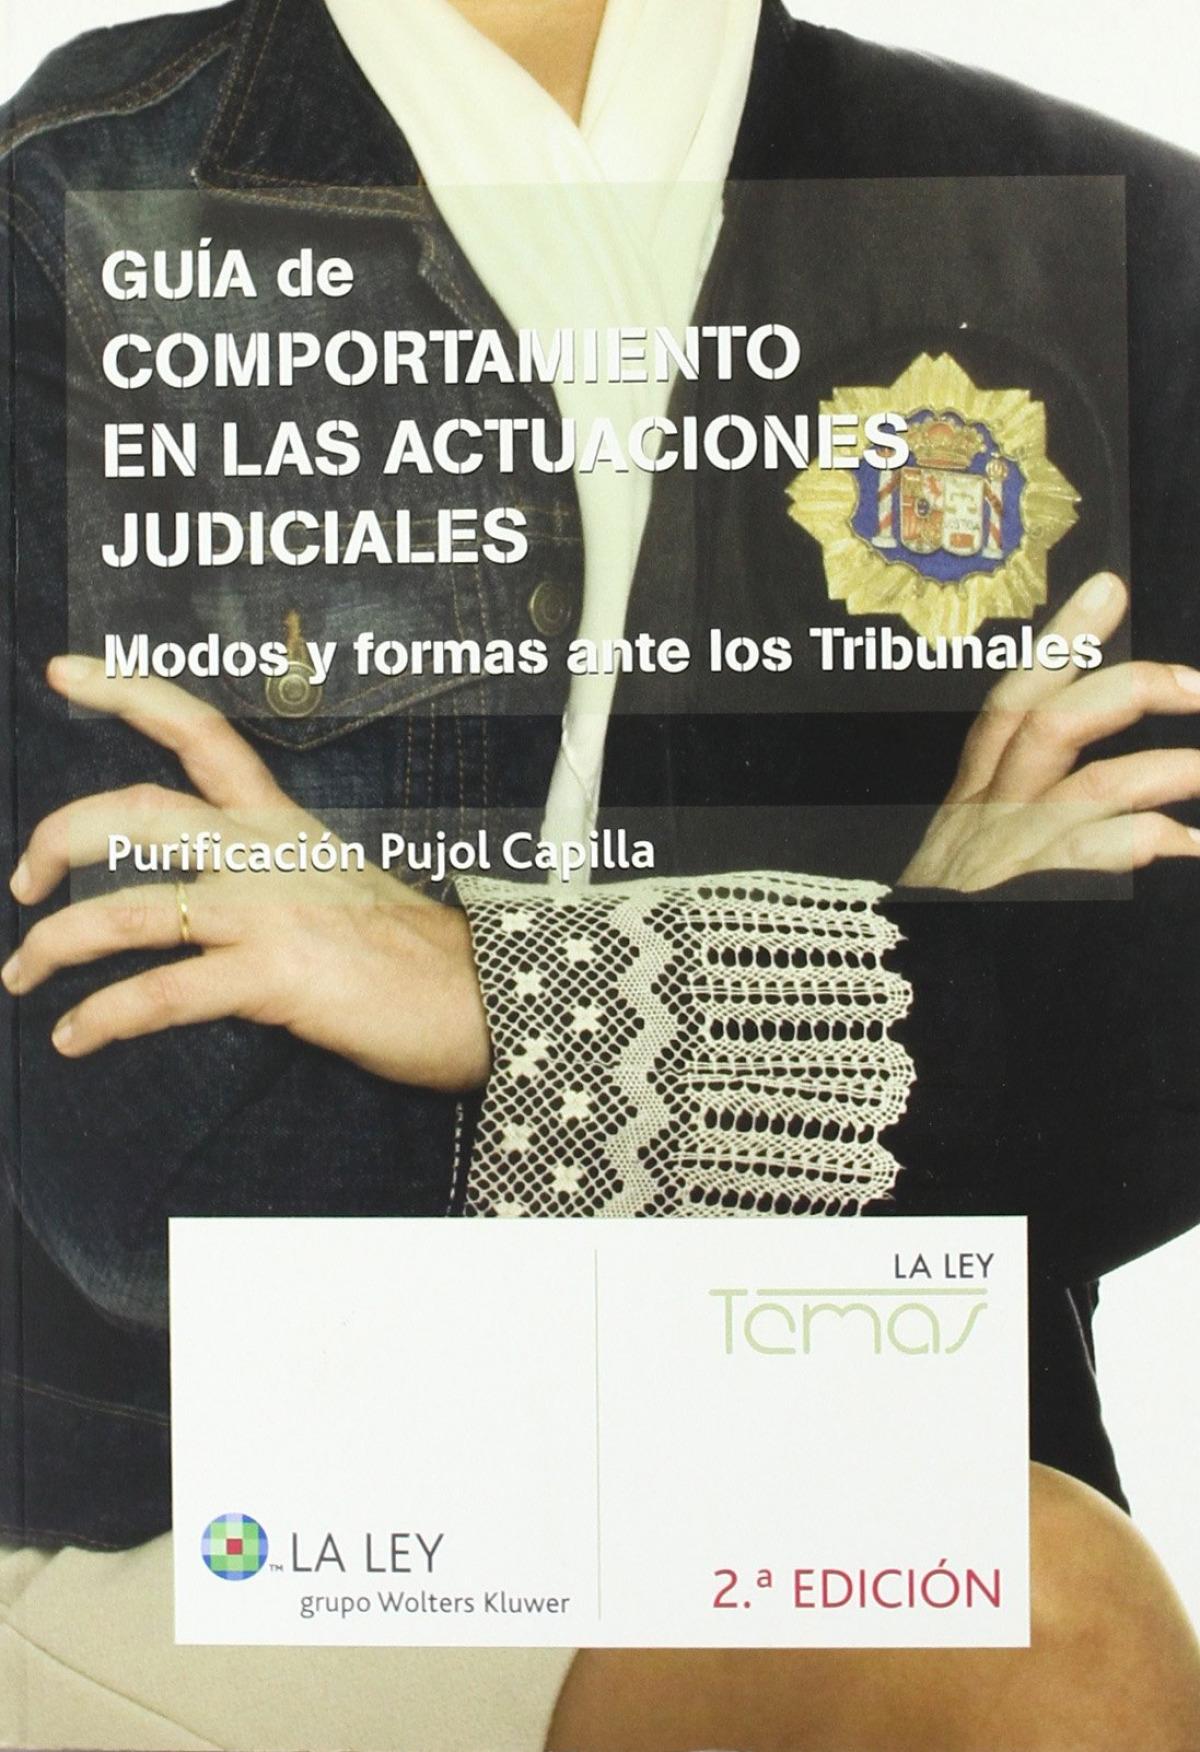 GUIA COMPORTAMIENTO ACTUACIONES JUDICIALES